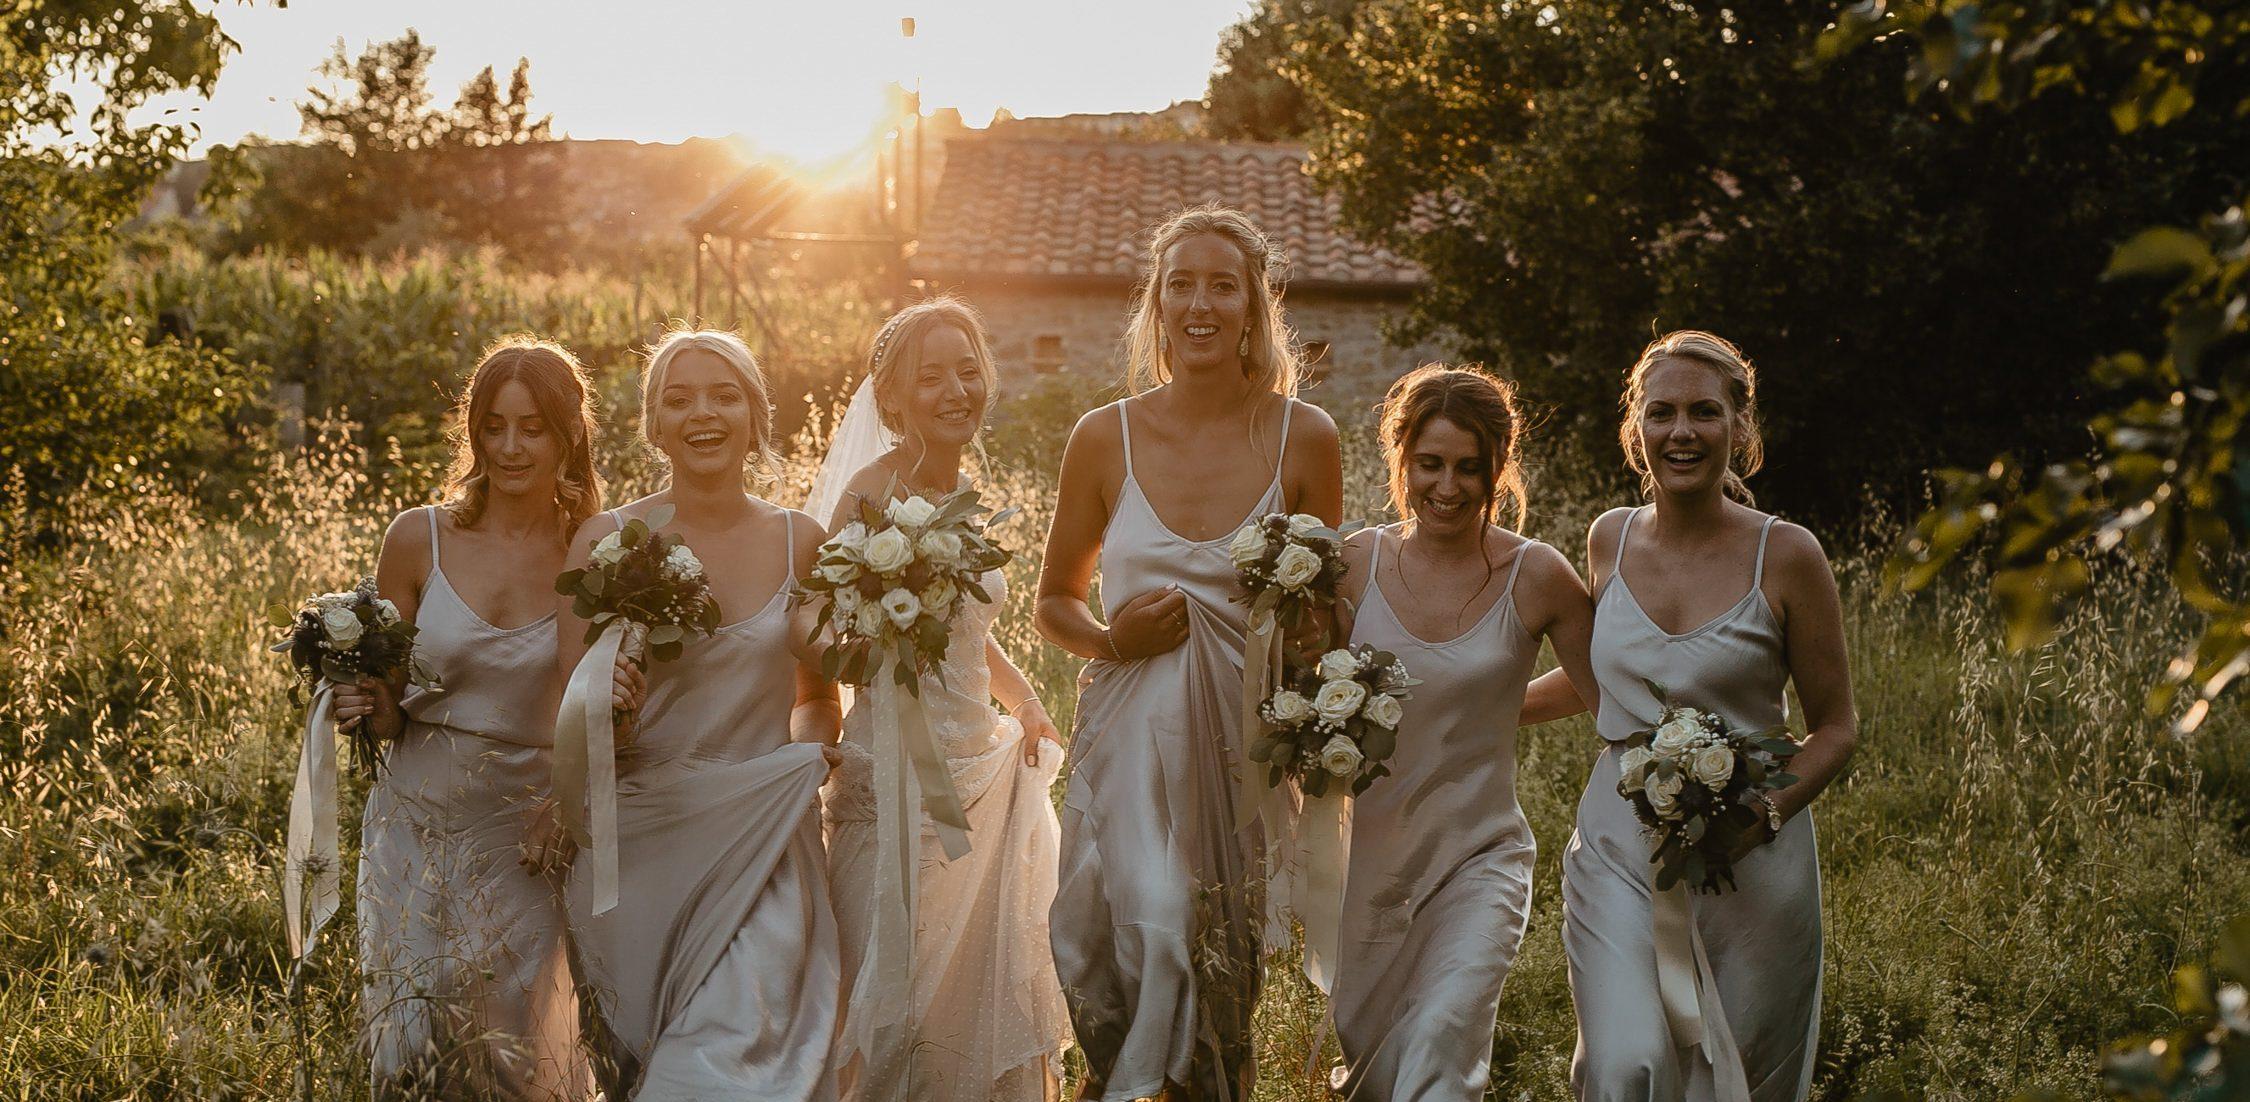 Joe-Burford-Italy-Wedding-Photographer-Tuscany